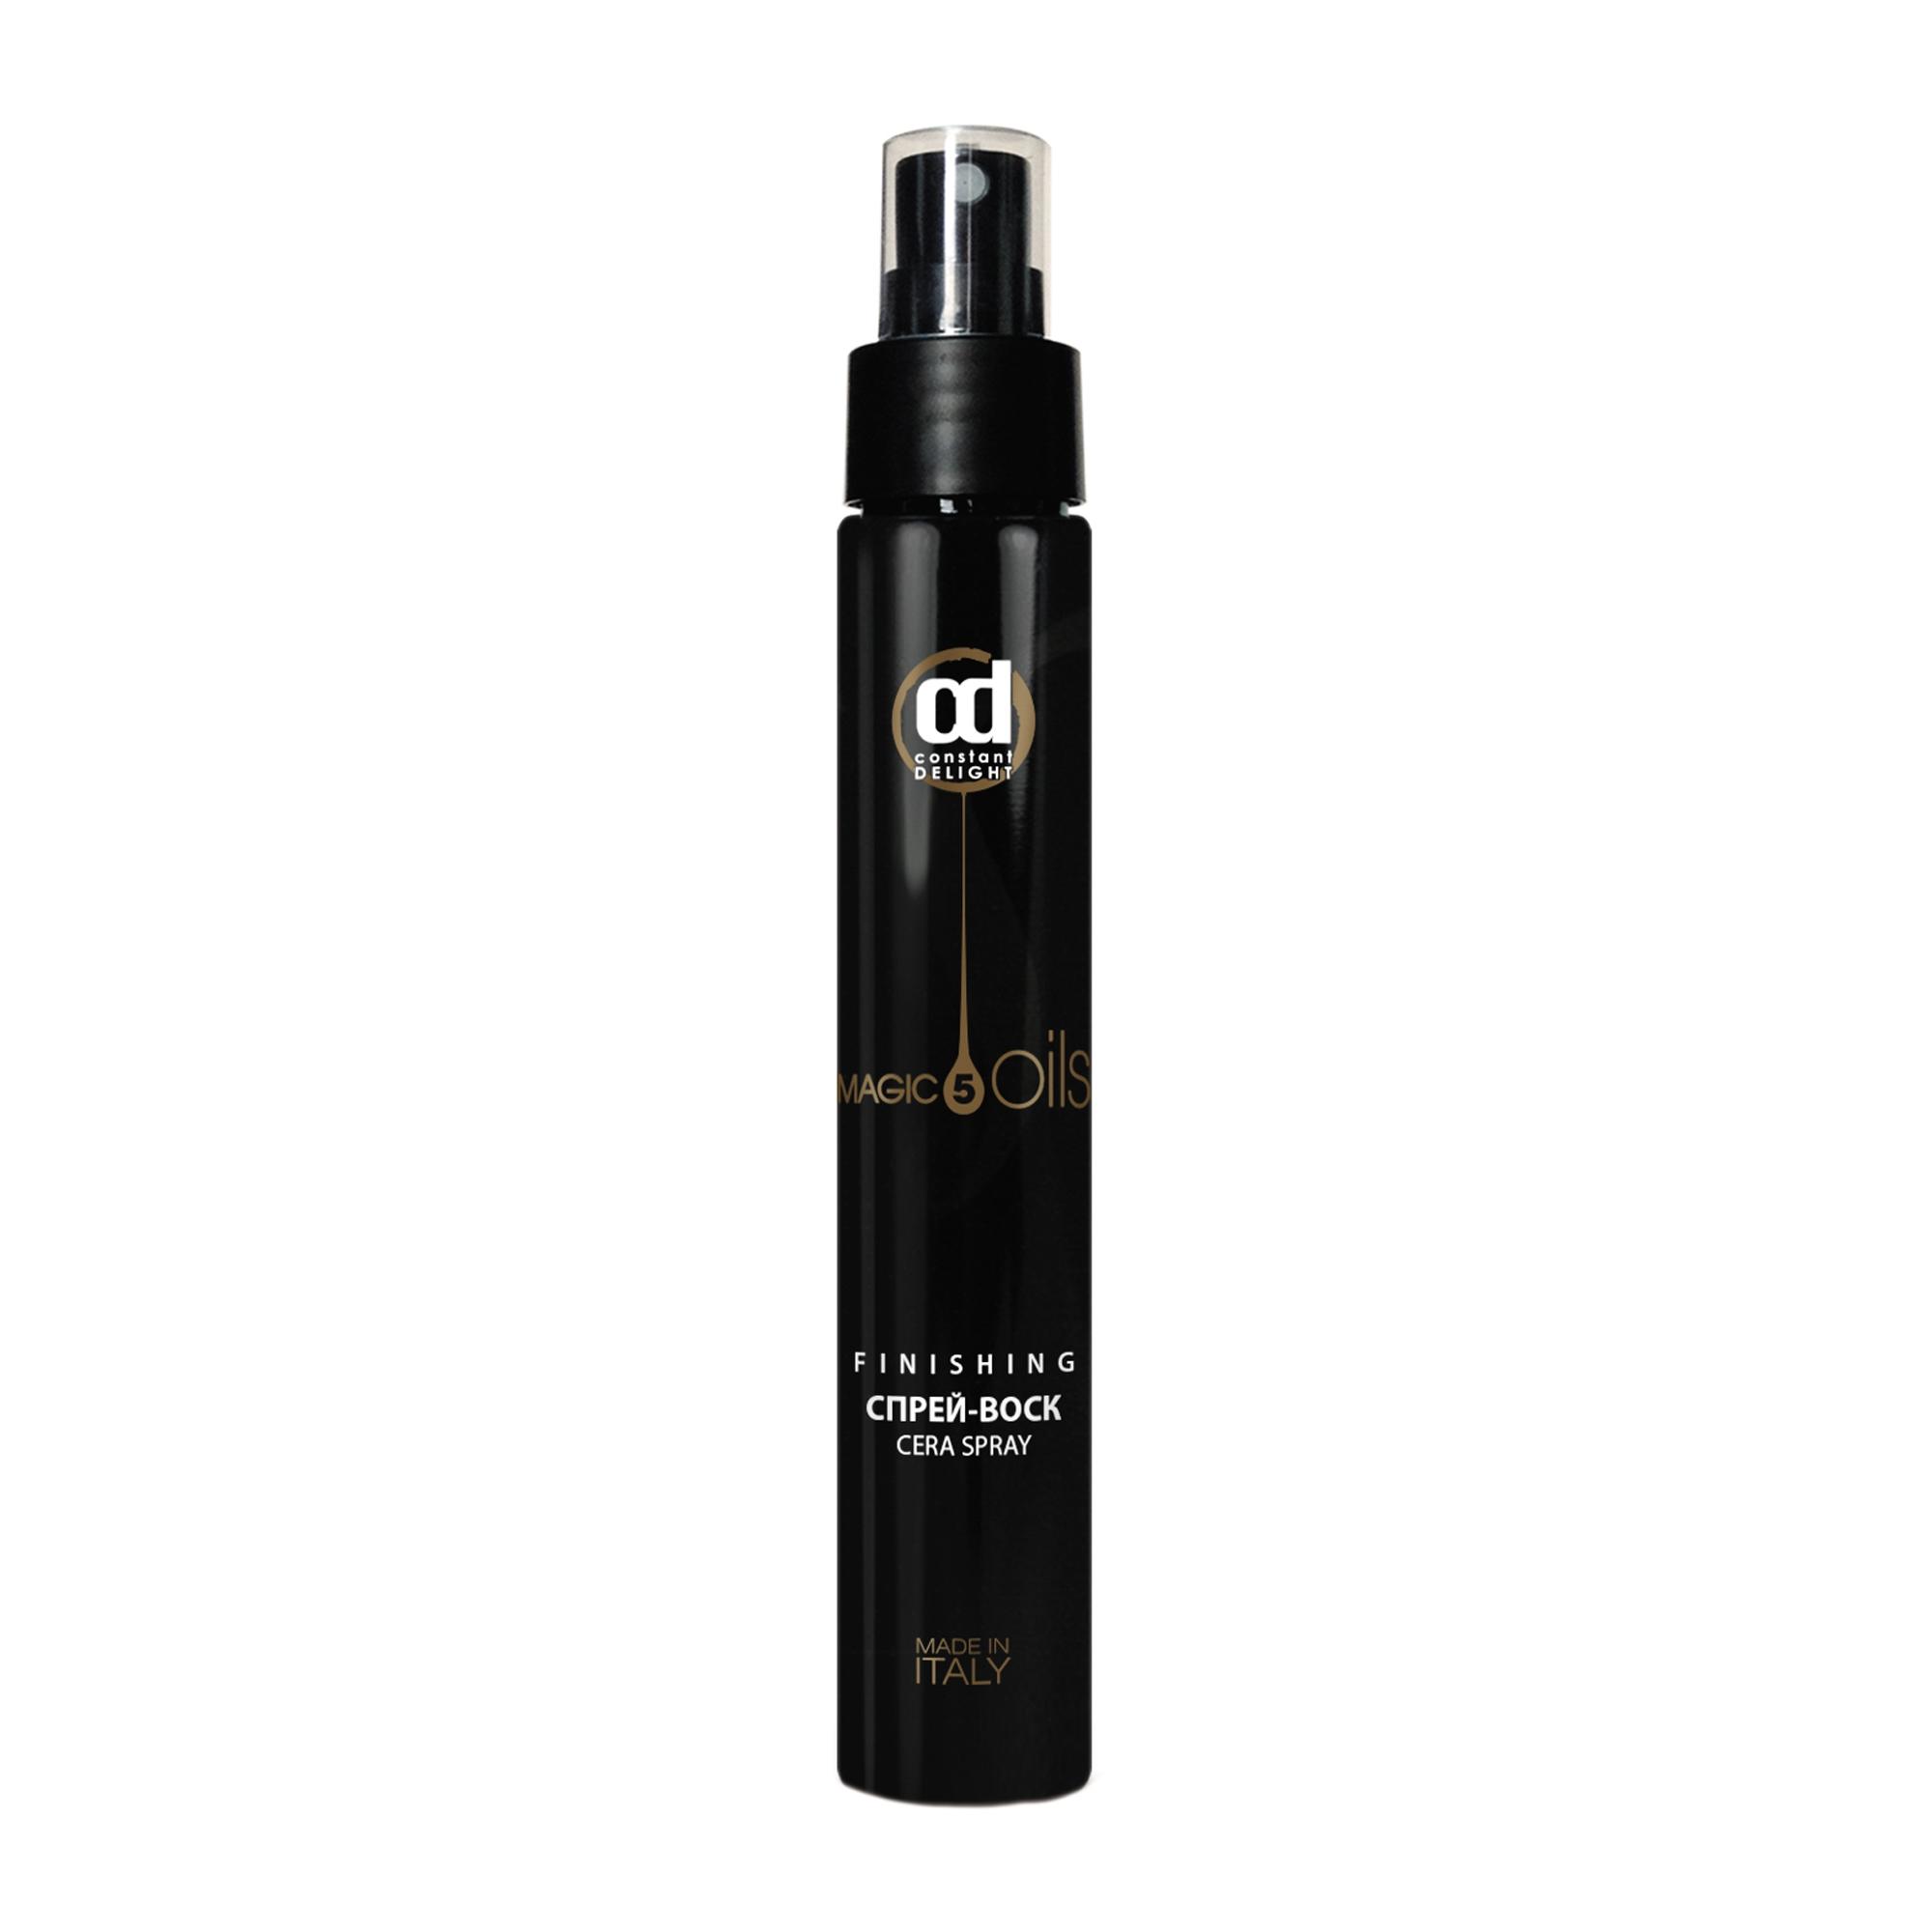 CONSTANT DELIGHT Спрей-Воск / 5 Magic Oil 75 млВоски<br>Абсолютно универсальный продукт, который благодаря содержанию растительного и пчелиного воска позволяет подчеркнуть любую причёску, придавая волосам блеск и упругость.&amp;nbsp;Его формула, состоящая из  5 Магических Масел : Макадамии, Хлопка, Жожоба, Авокадо, Арганы, питает волосы и возвращает им жизненную силу и энергию. Активные ингредиенты: масла Макадами, Хлопка, Жожоба, Авокадо и Арганы. Способ применения: - хорошо встряхнуть флакон. - распределить на влажных или сухих волосах. - завершить укладку.<br><br>Типы волос: Для всех типов